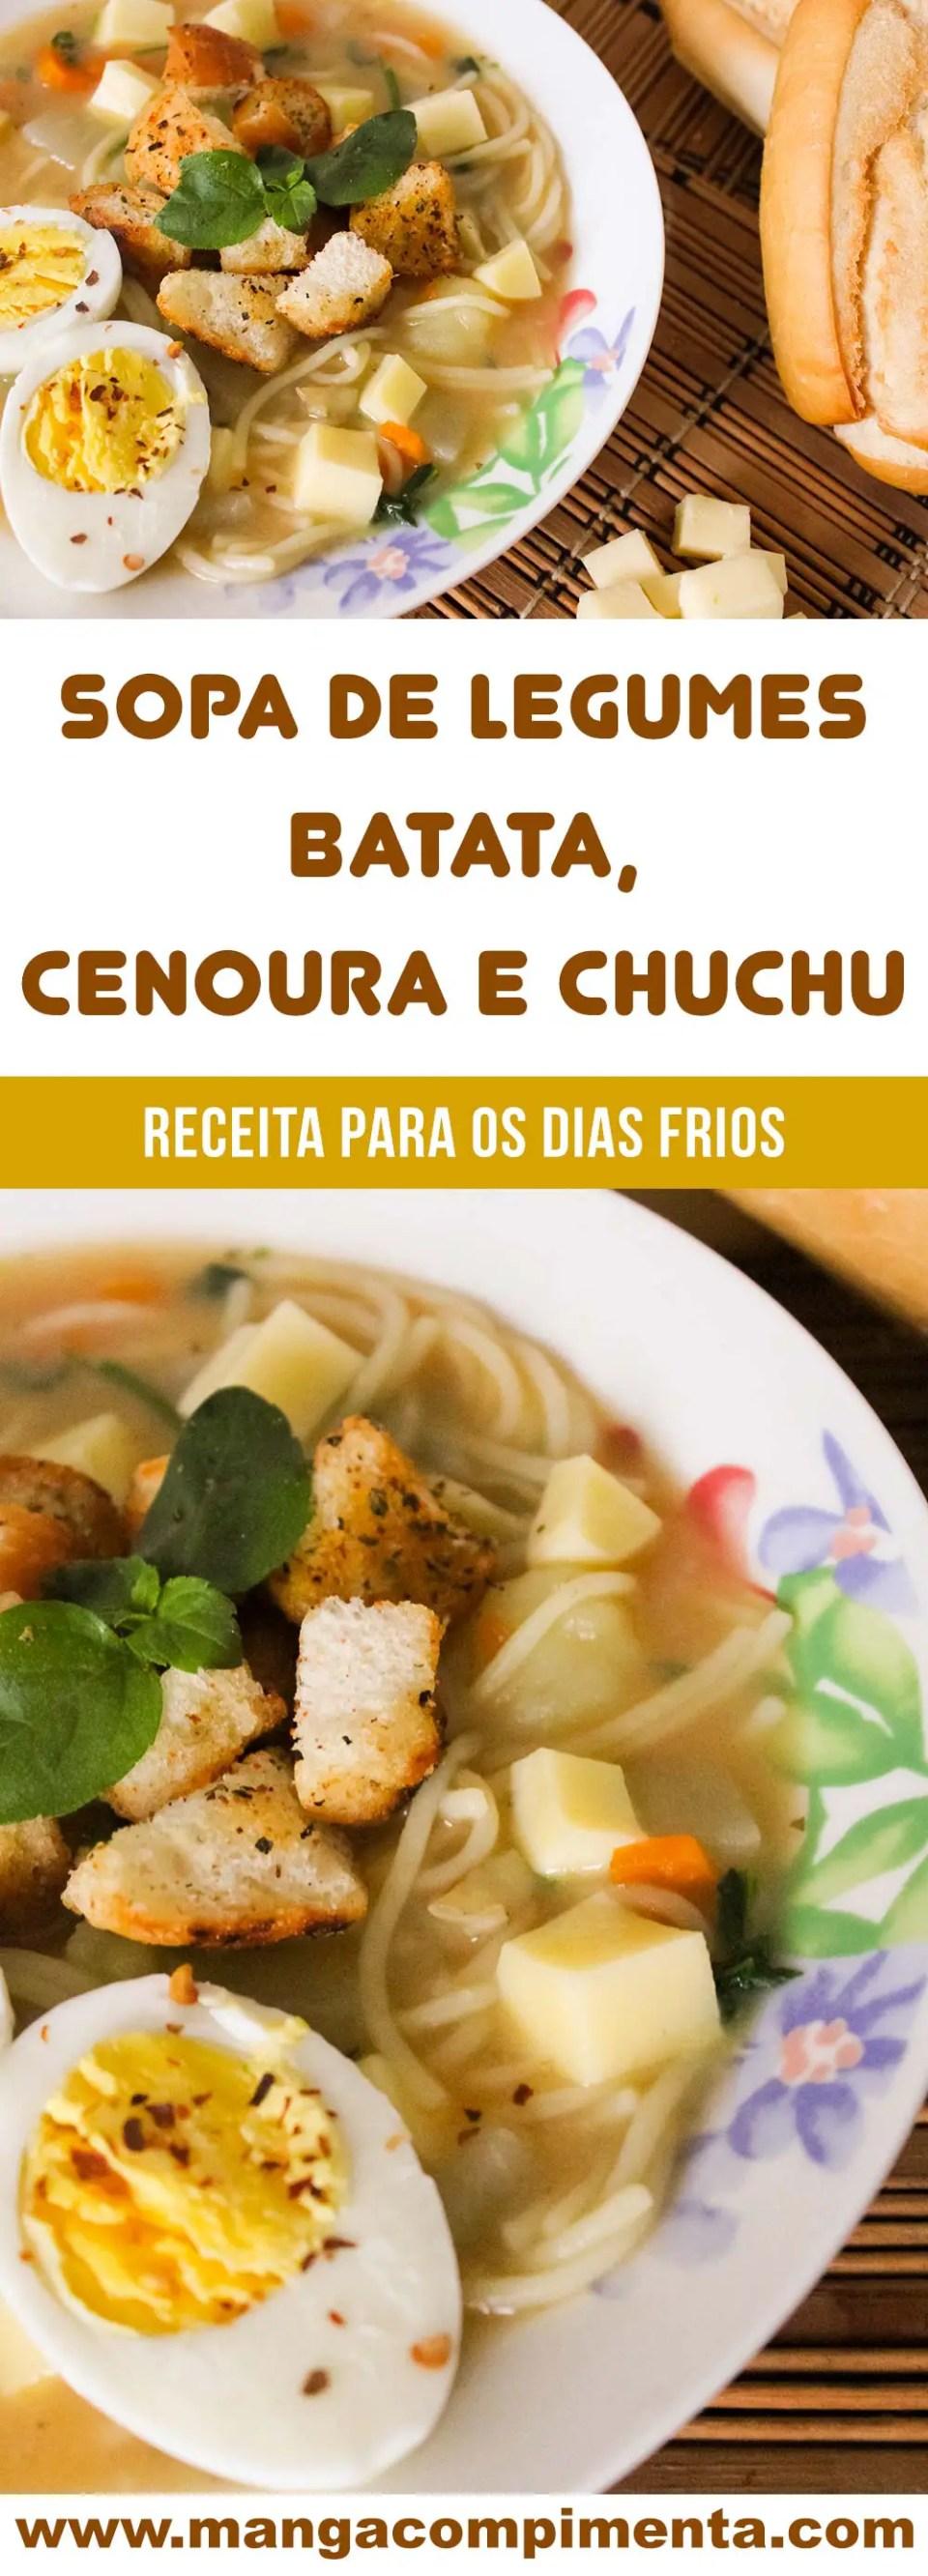 Sopa de Legumes – Batata, Cenoura e Chuchu | Um prato quentinho que conforta o corpo, alma e o coração.